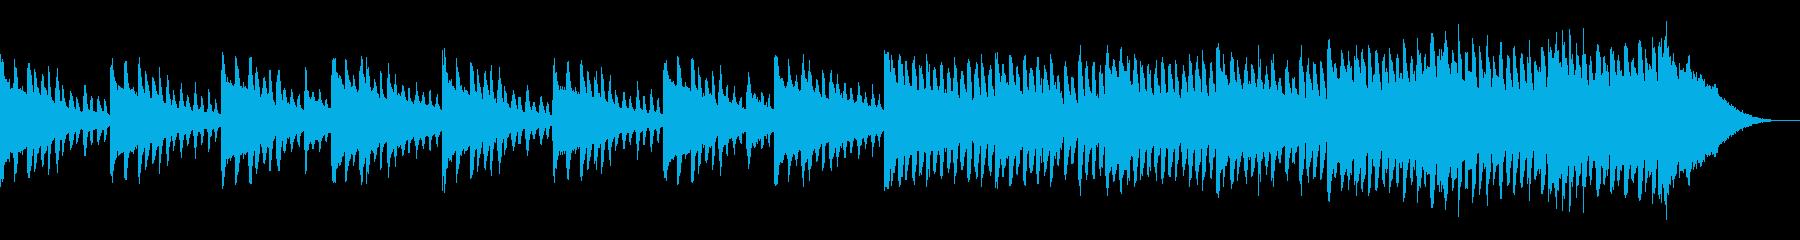 ピアノの感動的な旋律が耳に残る曲の再生済みの波形